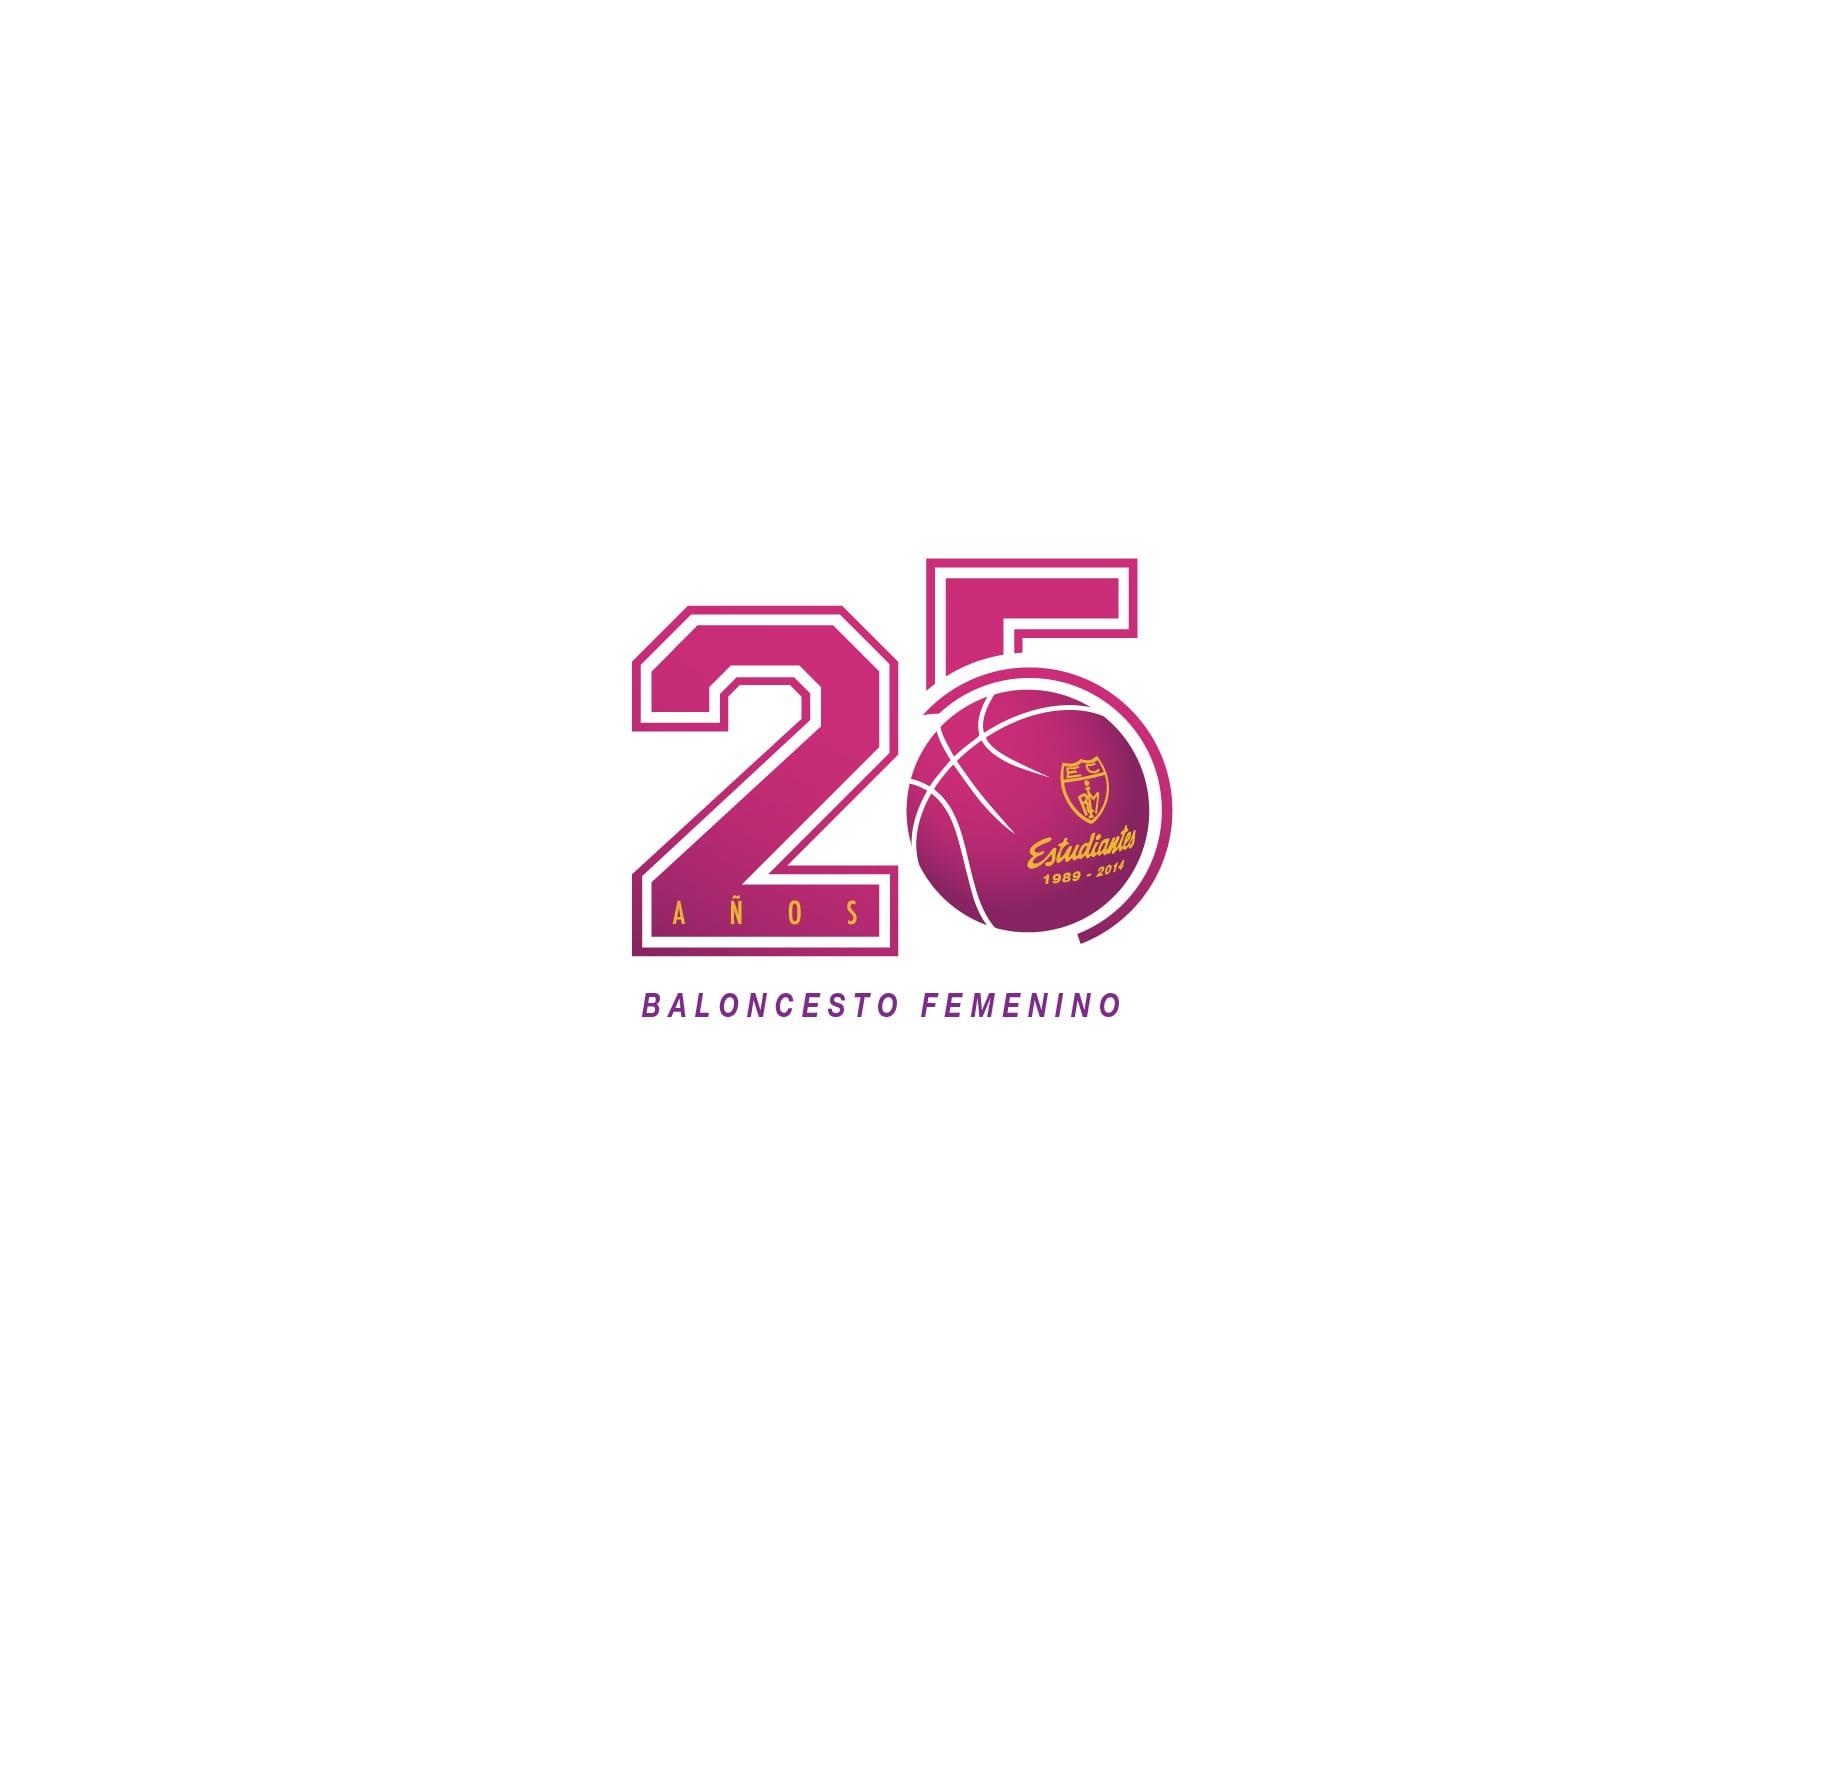 25º Aniversario de los equipos femeninos del Club Estudiantes.